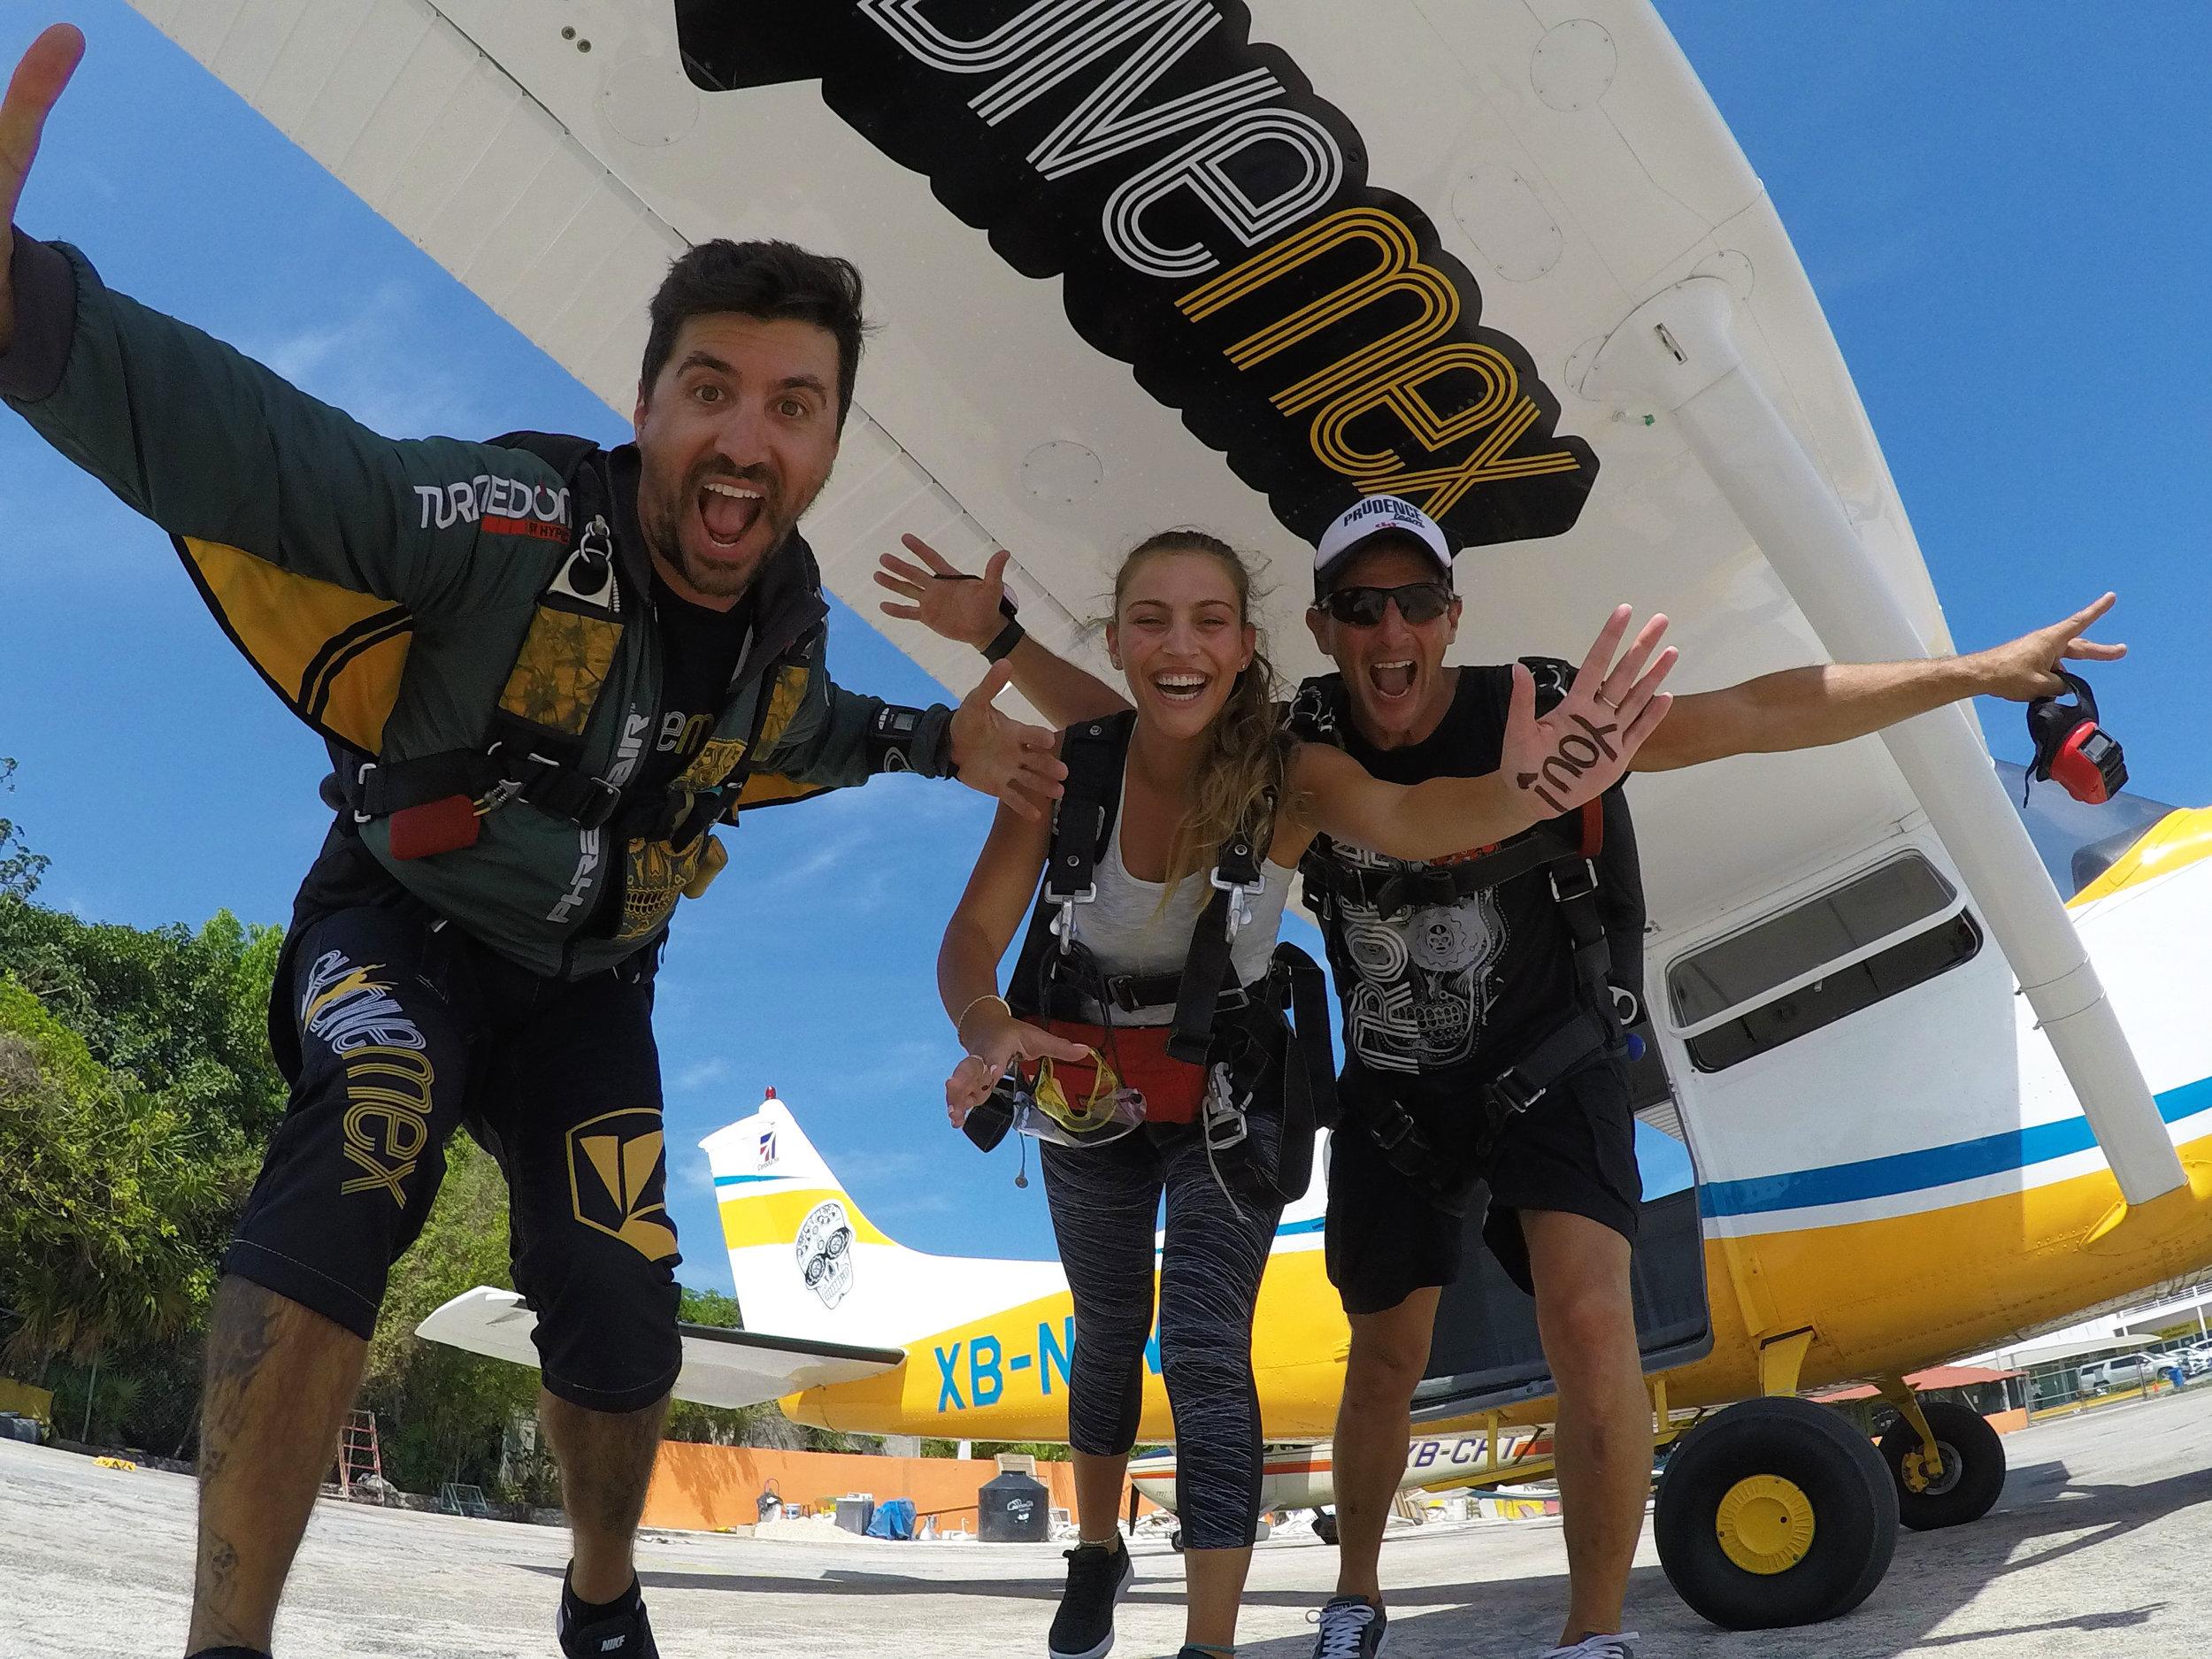 SkydiveMex_Skydive_In_Playa3.jpg